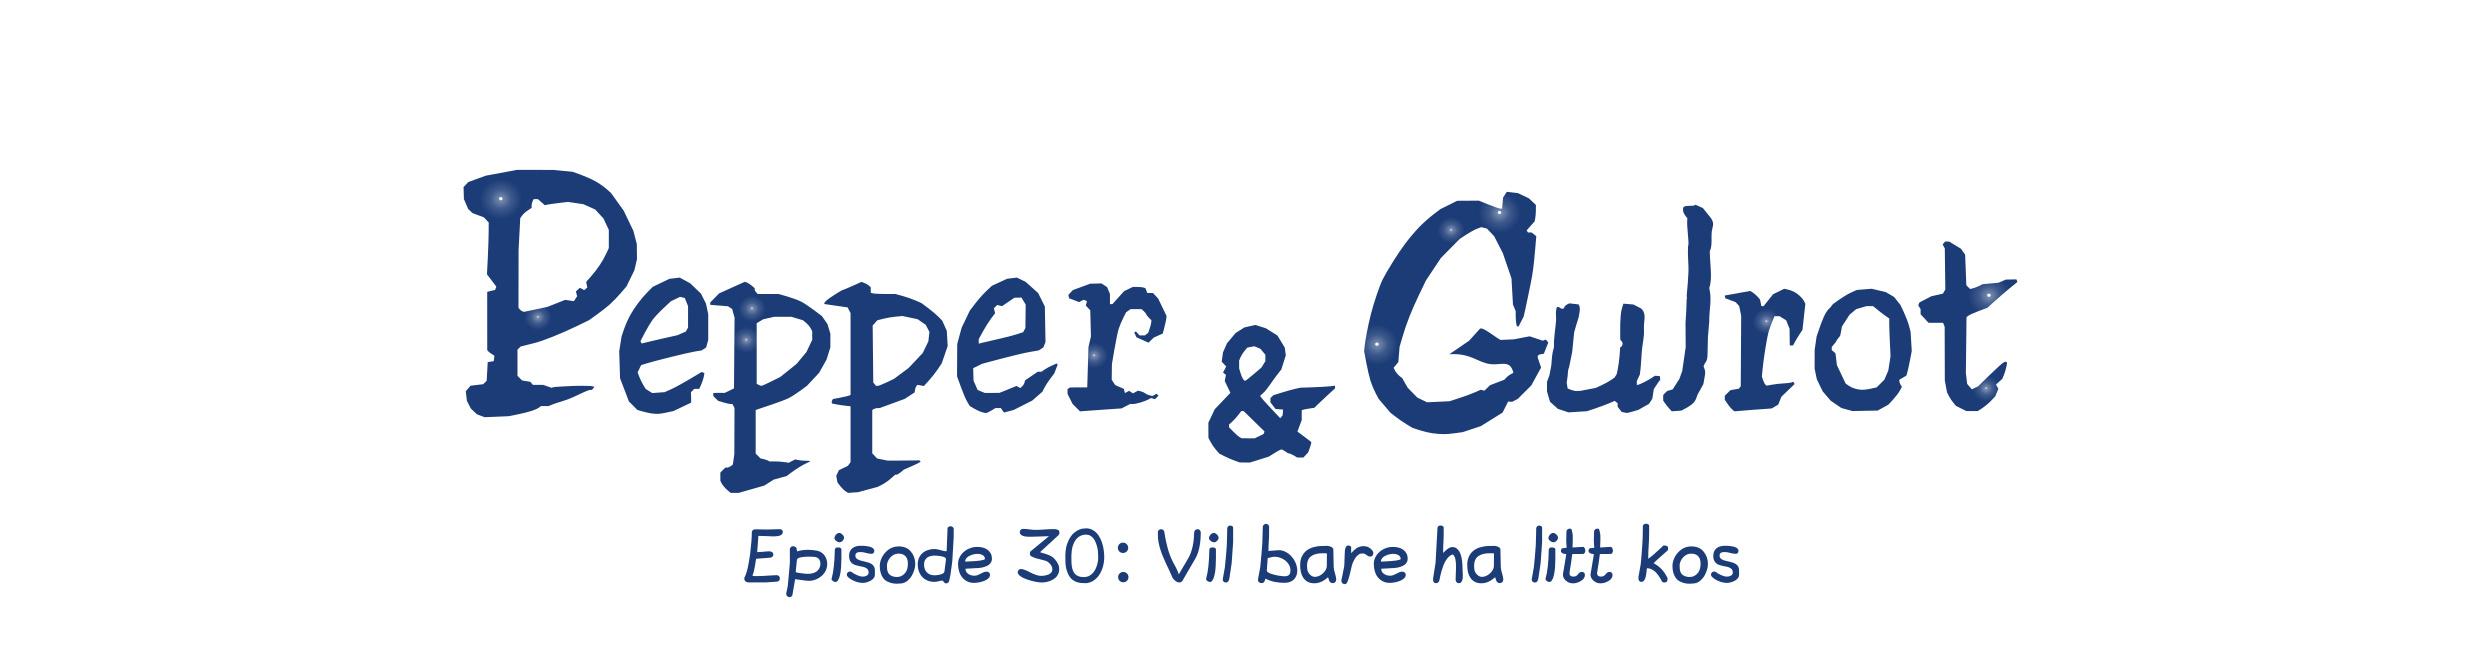 Episode 30: Vil bare ha litt kos